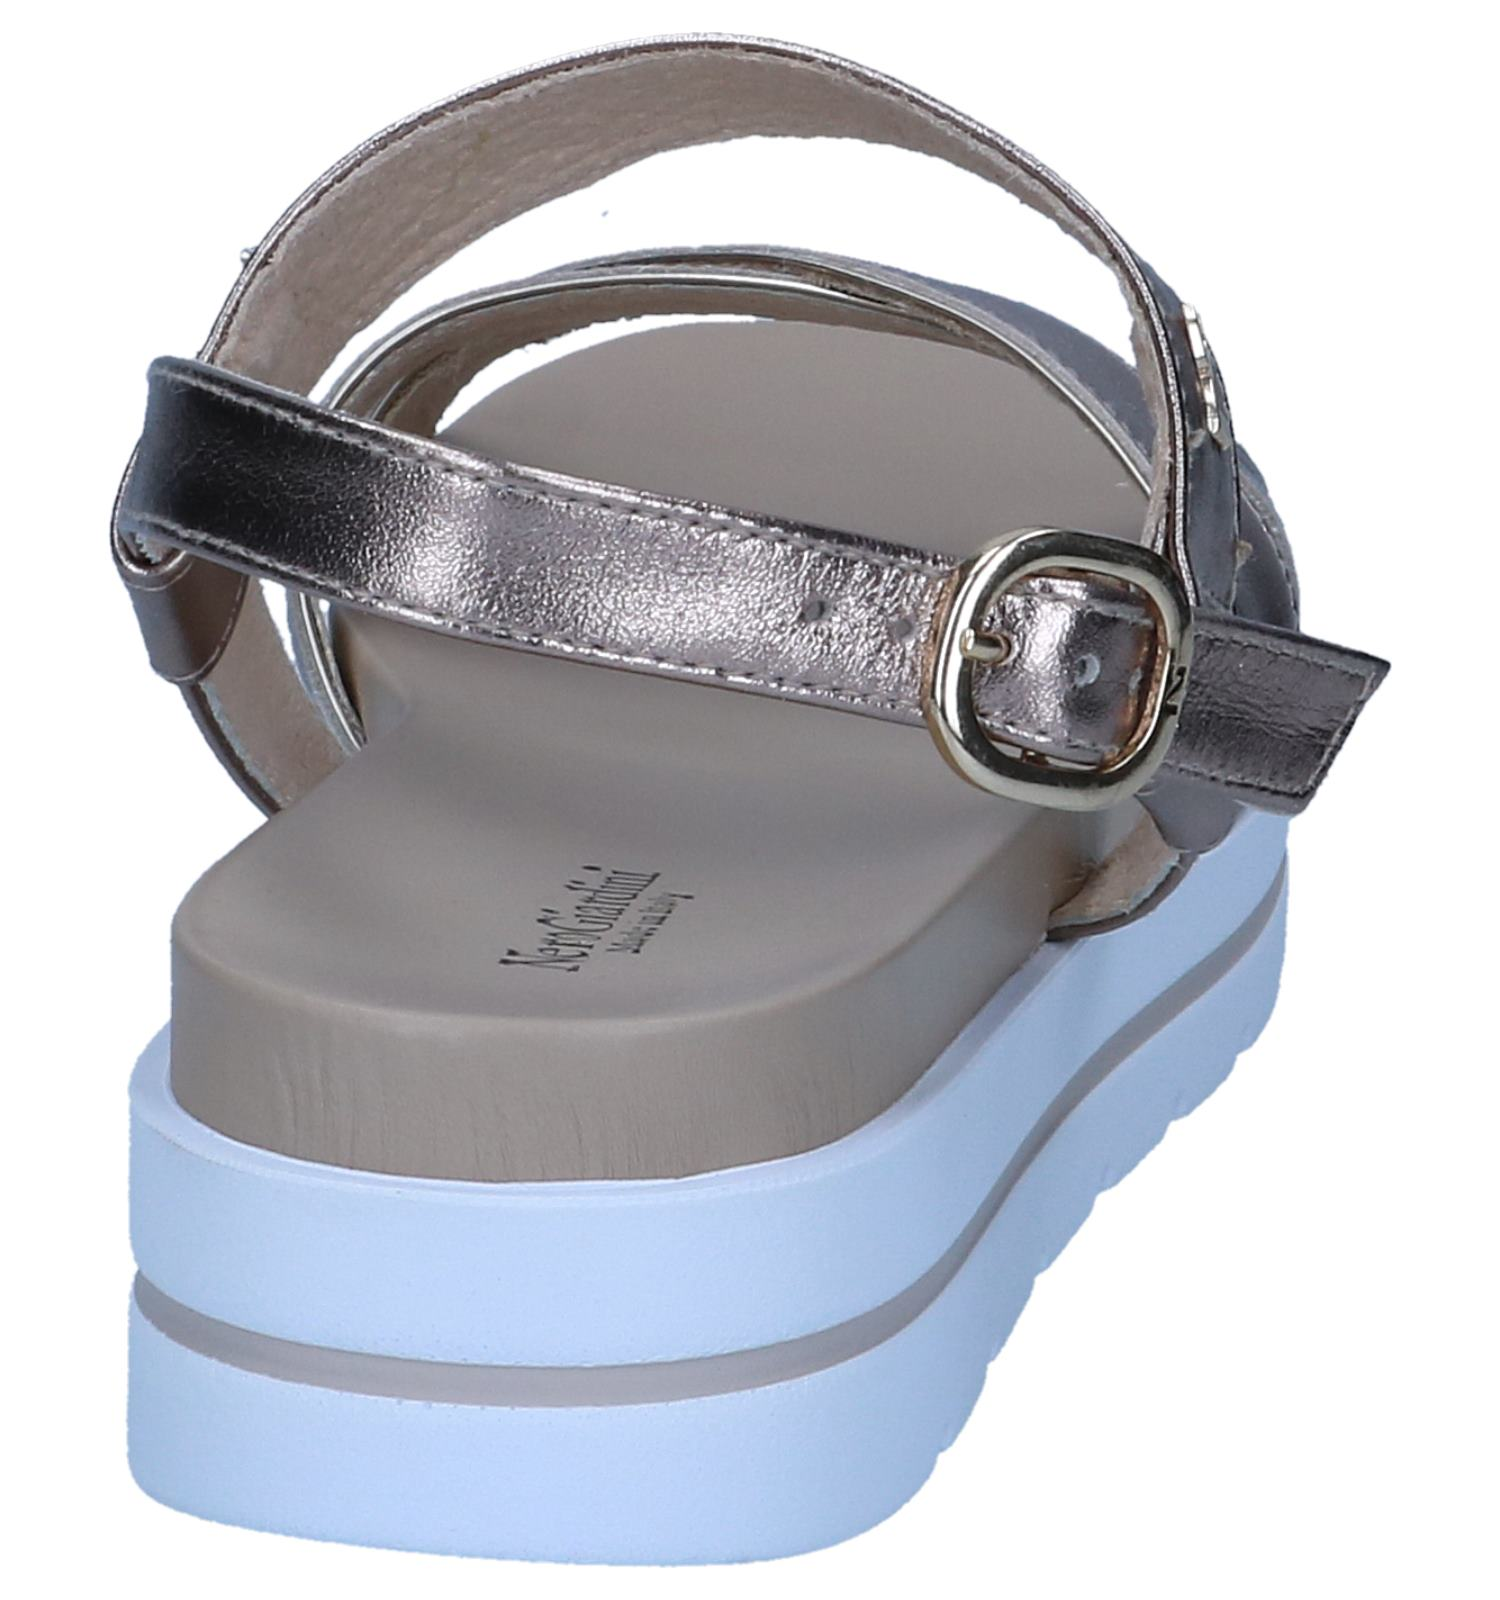 Sandalen Nerogiardini Sandalen Roze Metallic Nerogiardini Metallic Roze 2IEYDH9W